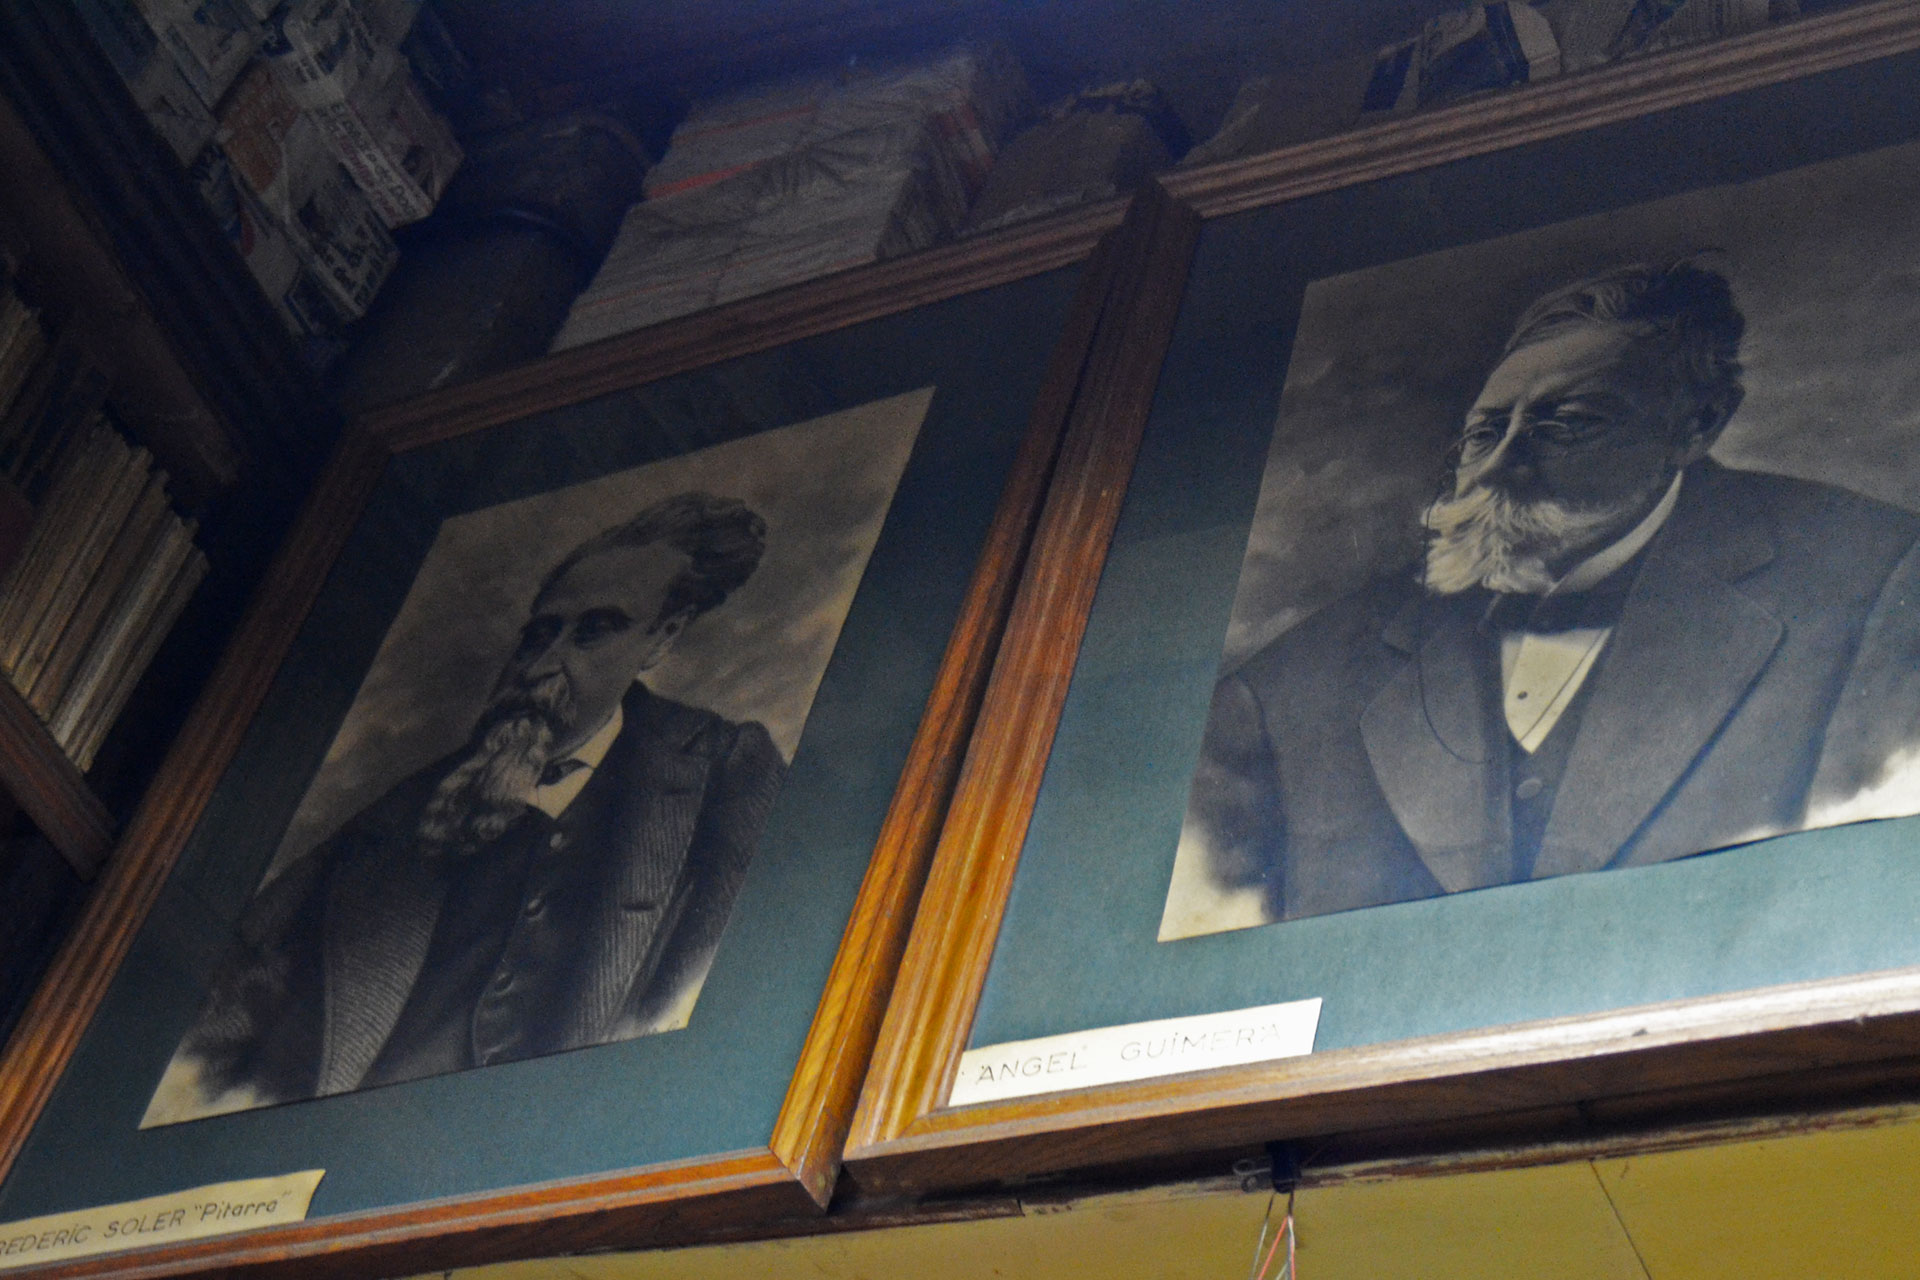 ヨーロッパの古書堂に飾られているフレームアート